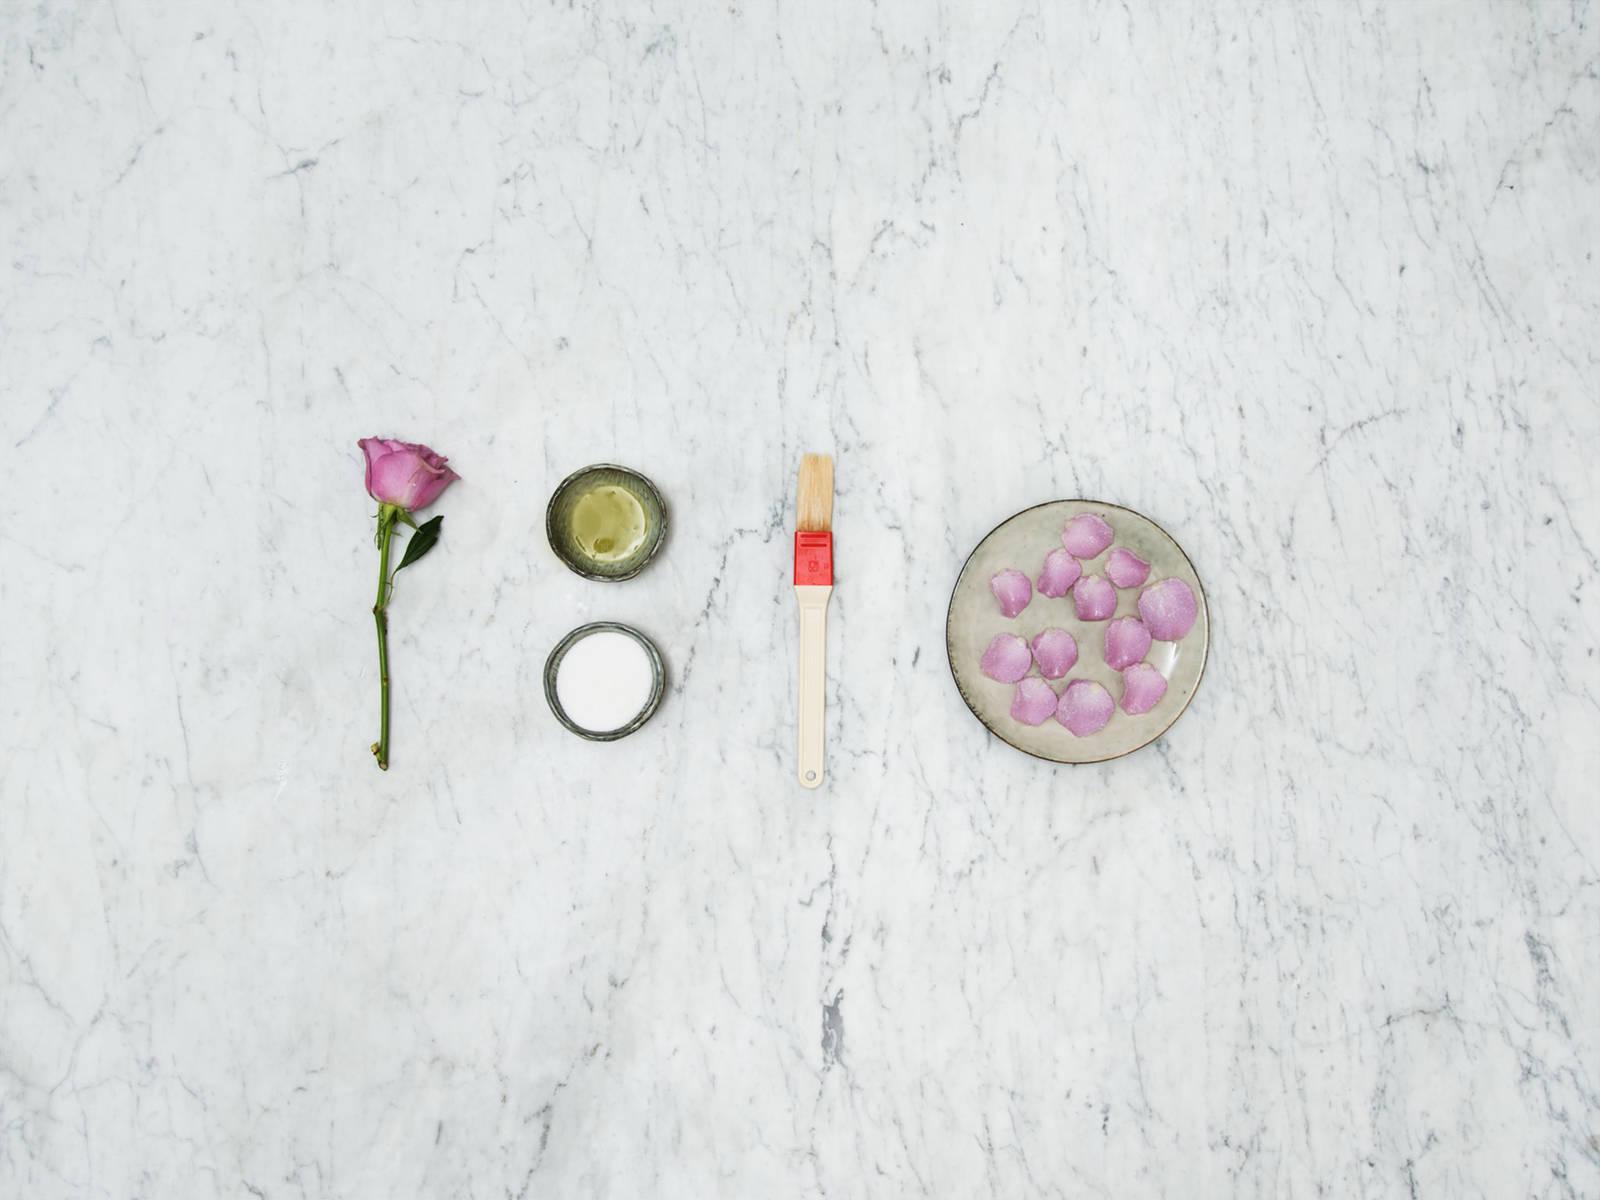 如何给玫瑰花瓣裹上糖衣